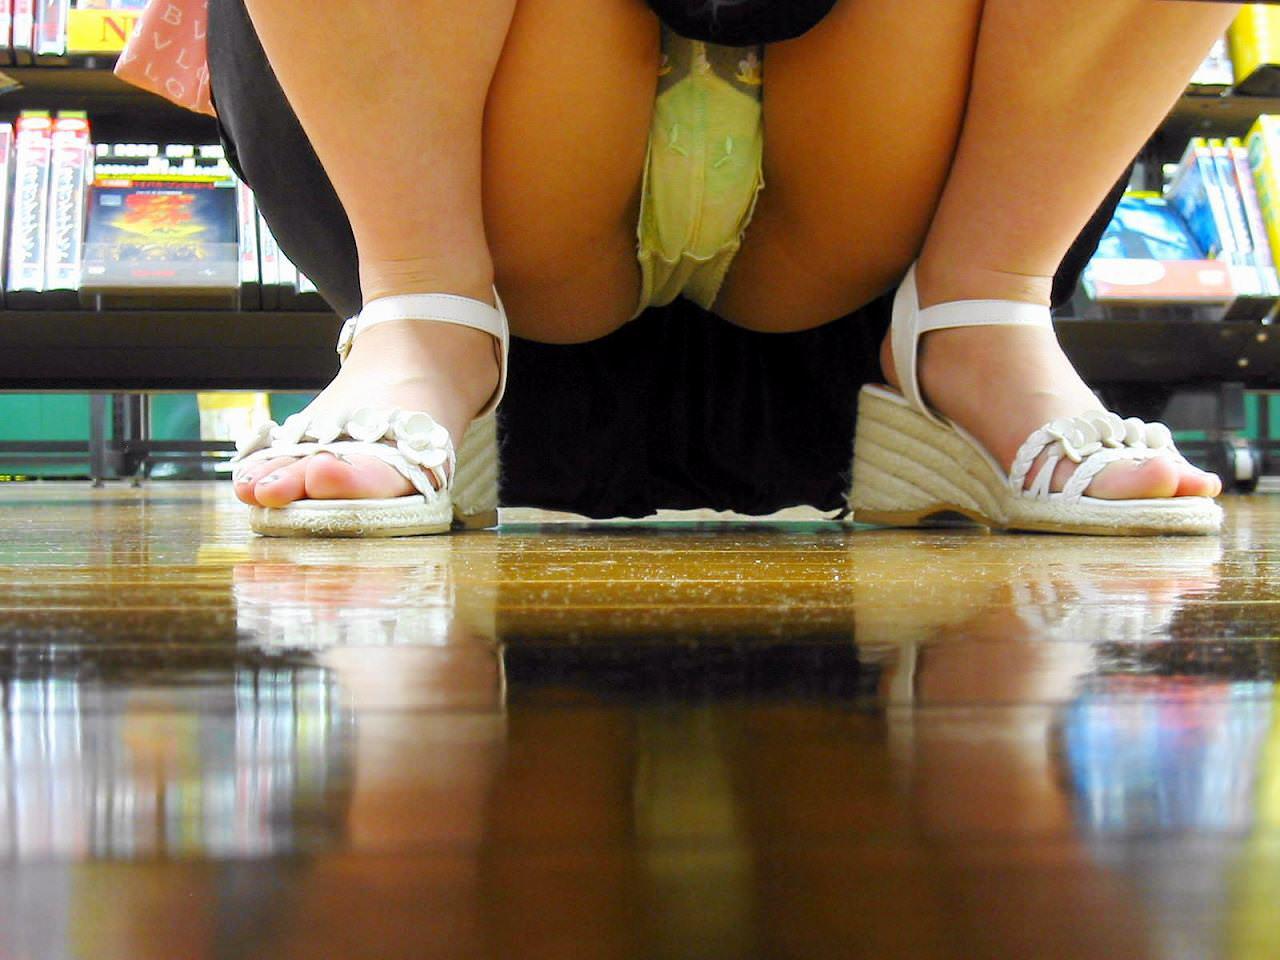 レンタルショップはパンチラ天国www棚の下から素人娘のパンチラ見放題www 2170